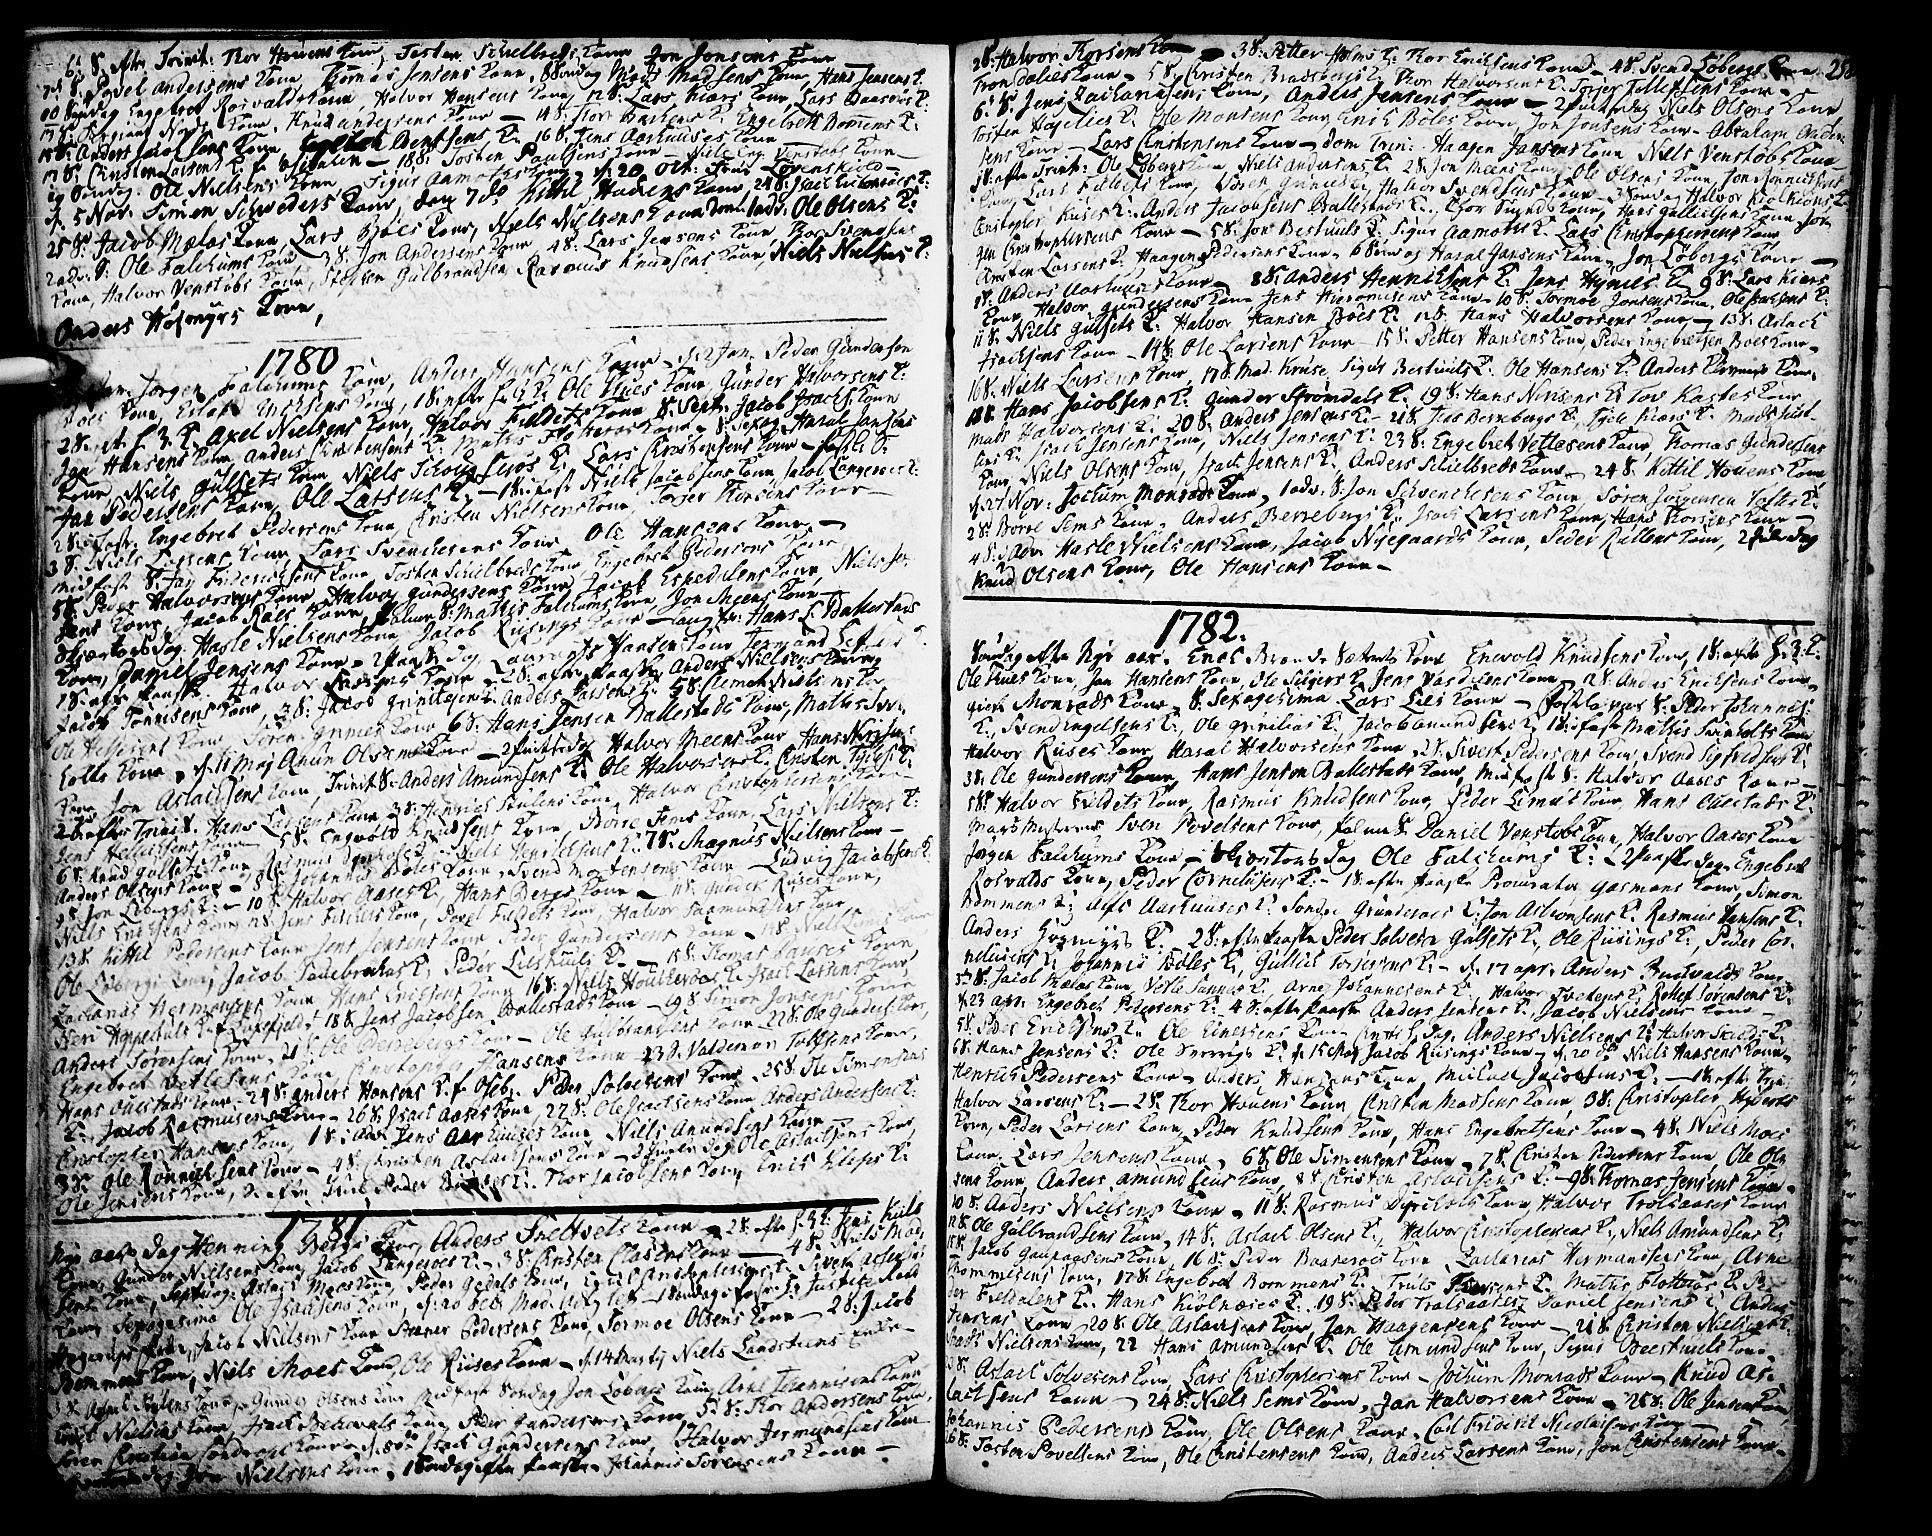 SAKO, Gjerpen kirkebøker, F/Fa/L0002: Ministerialbok nr. 2, 1747-1795, s. 258